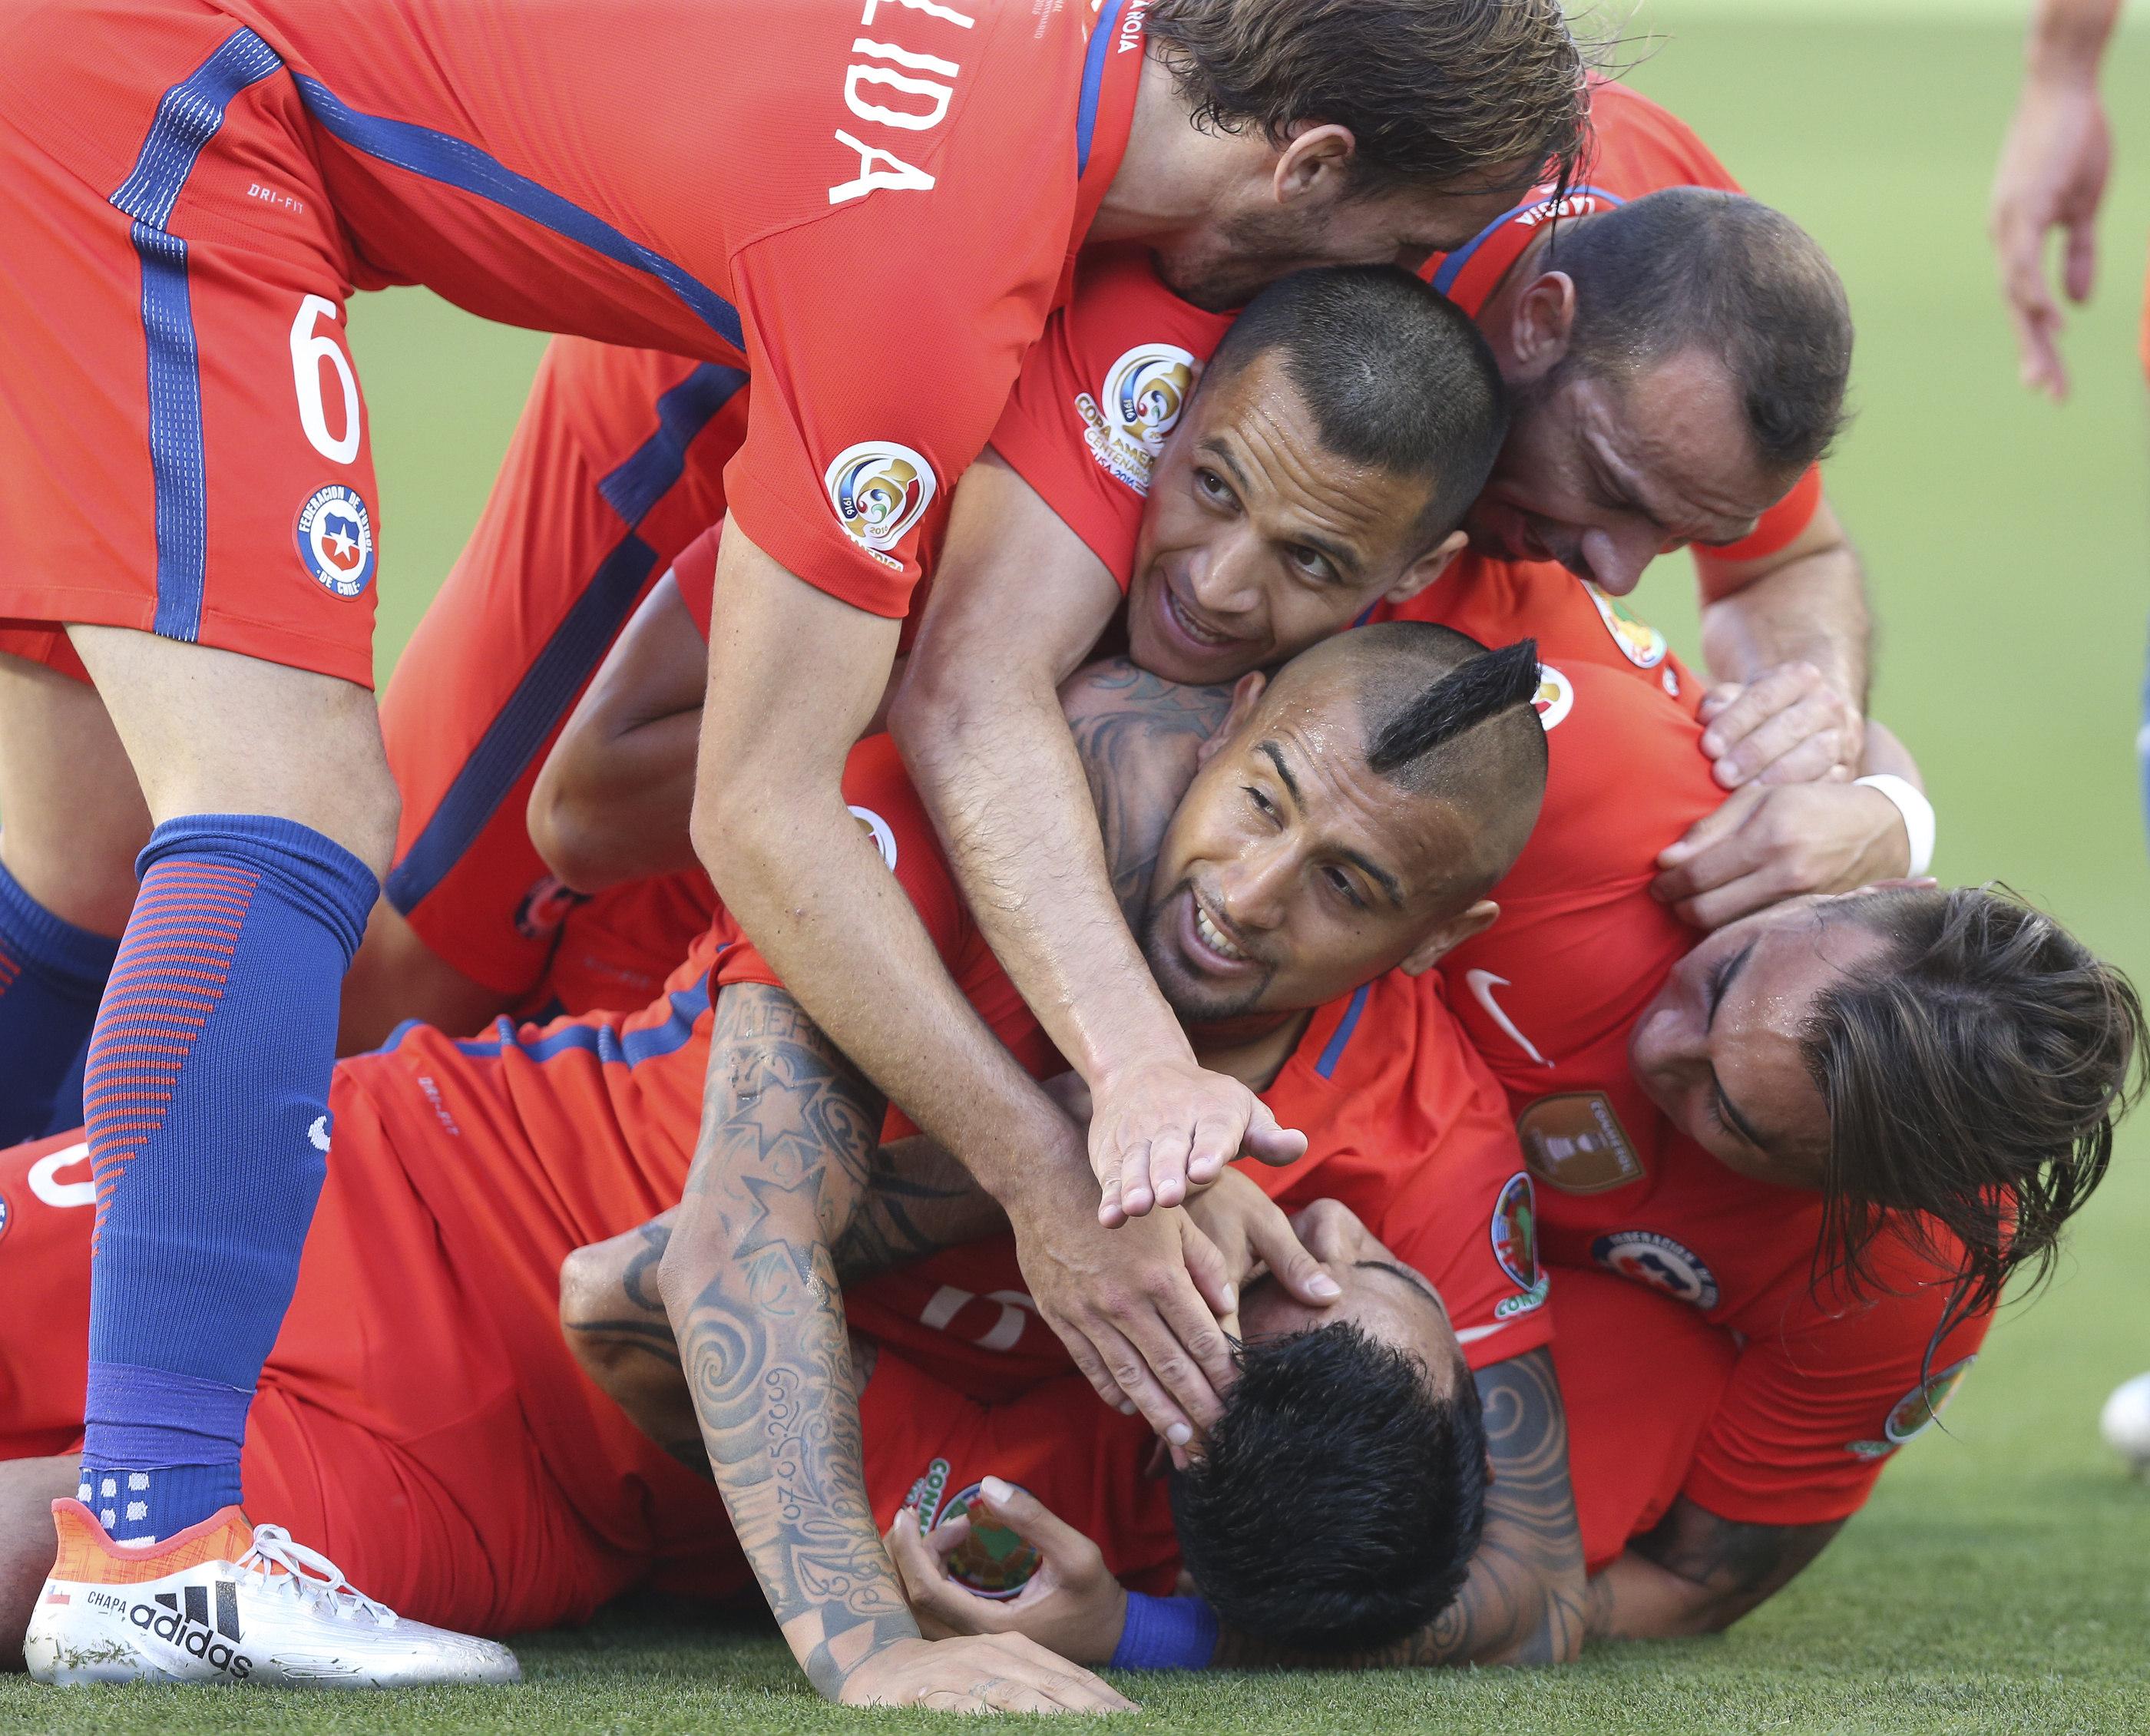 SCL19. SANTA CLARA (CA, EE.UU.), 18/06/2016.- Jugadores chilenos celebran después de anotar un gol hoy, sábado 18 de junio de 2016, durante un partido entre México y Chile por los cuartos de final de la Copa América Centenario, en el Levi's Stadium de Santa Clara, California (EE.UU.). EFE/David Fernández